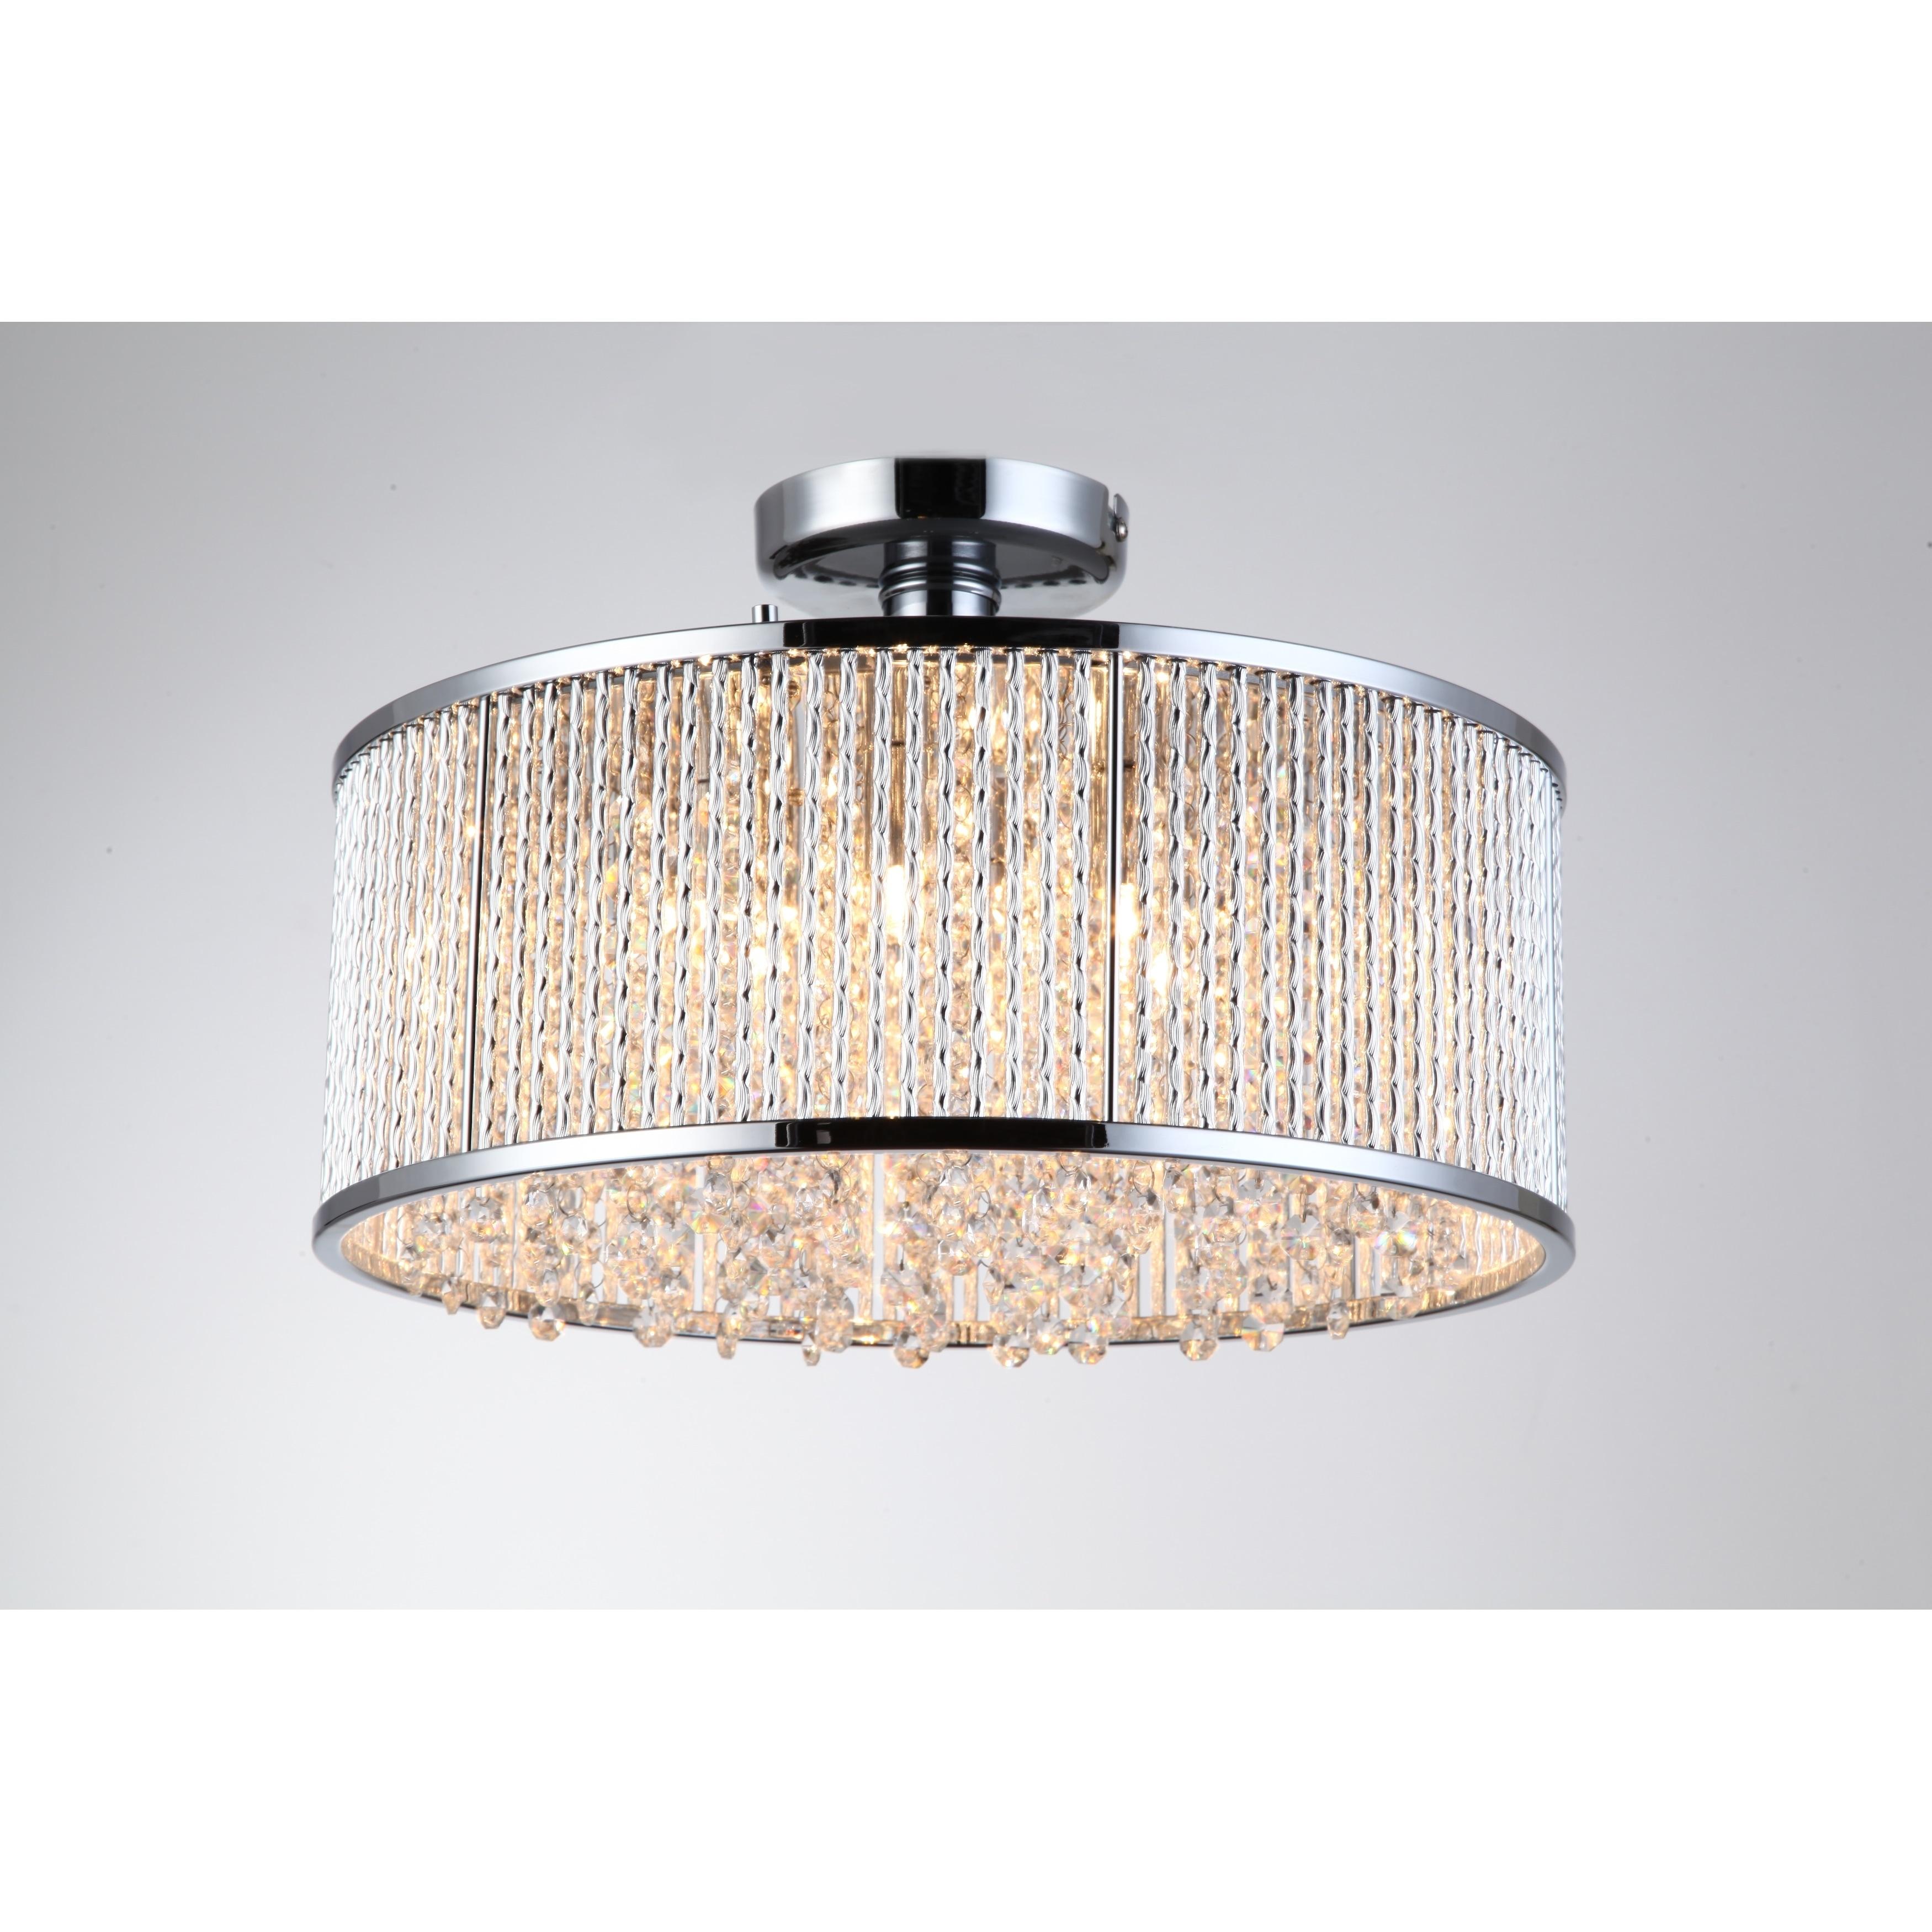 Crystalline 6 Light Semi Flush Mount Ceiling Light Free Shipping